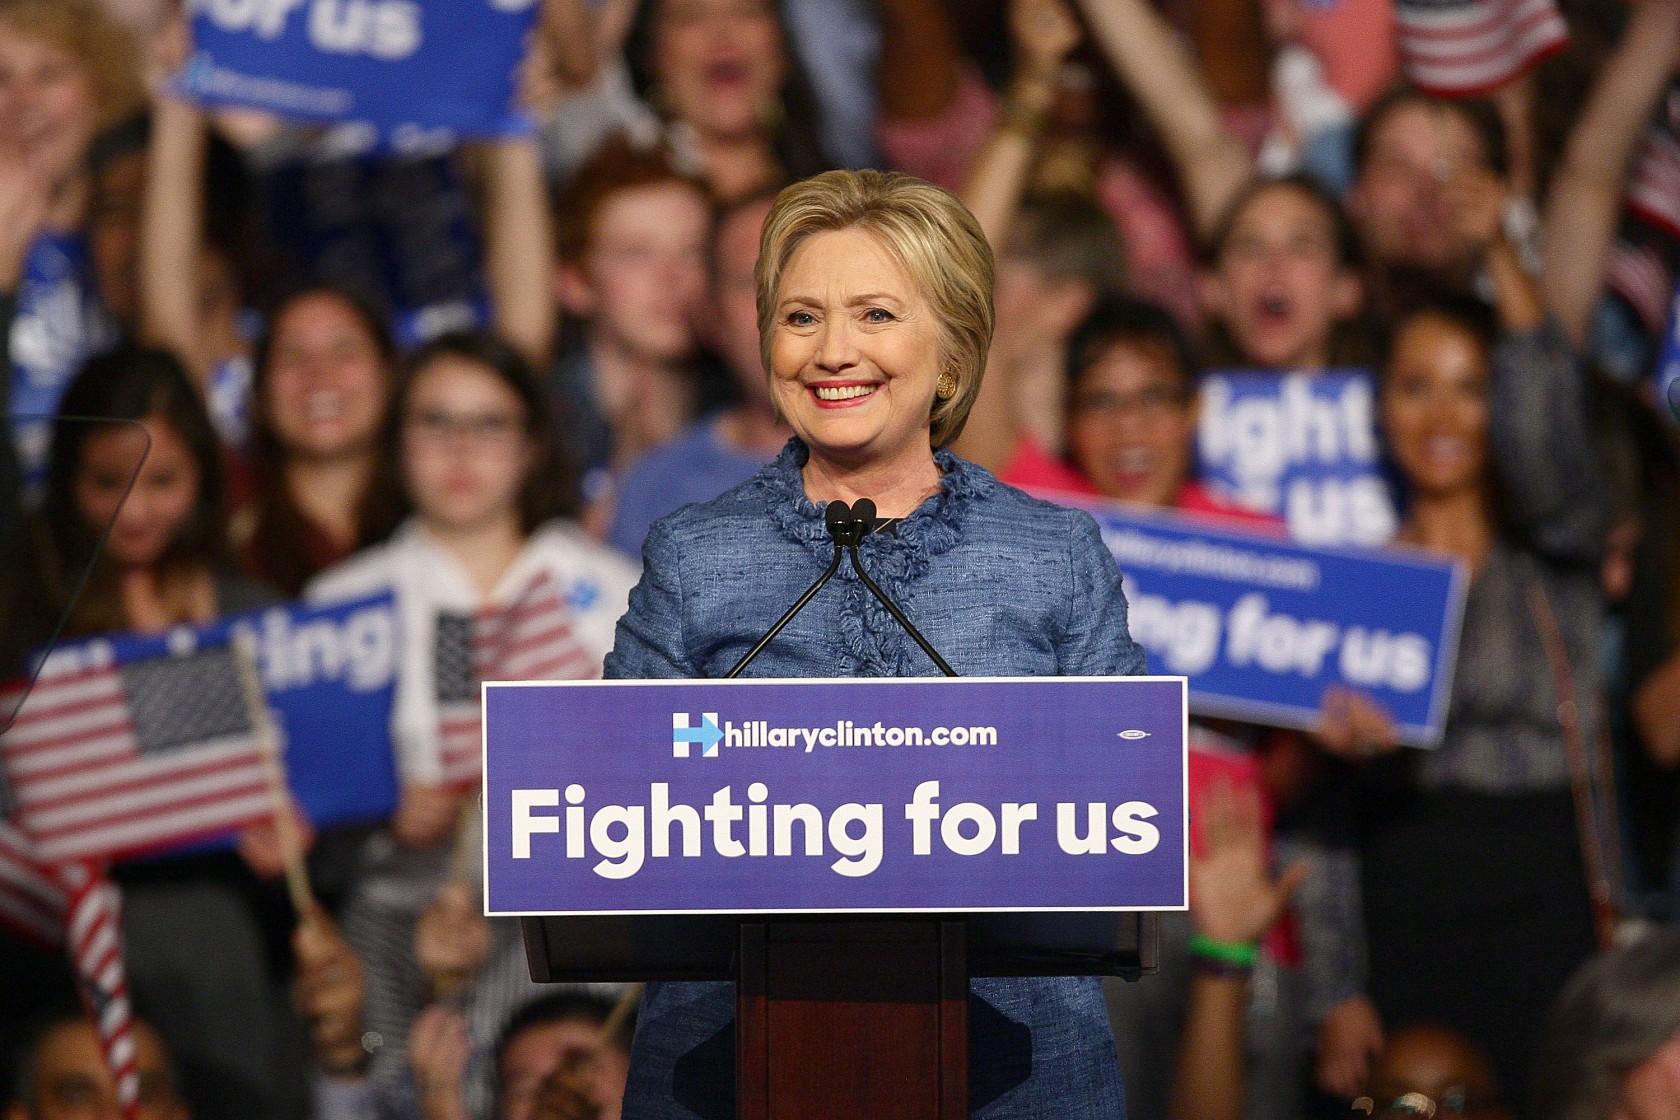 Hillary Clinton Primary Night Event In Miami